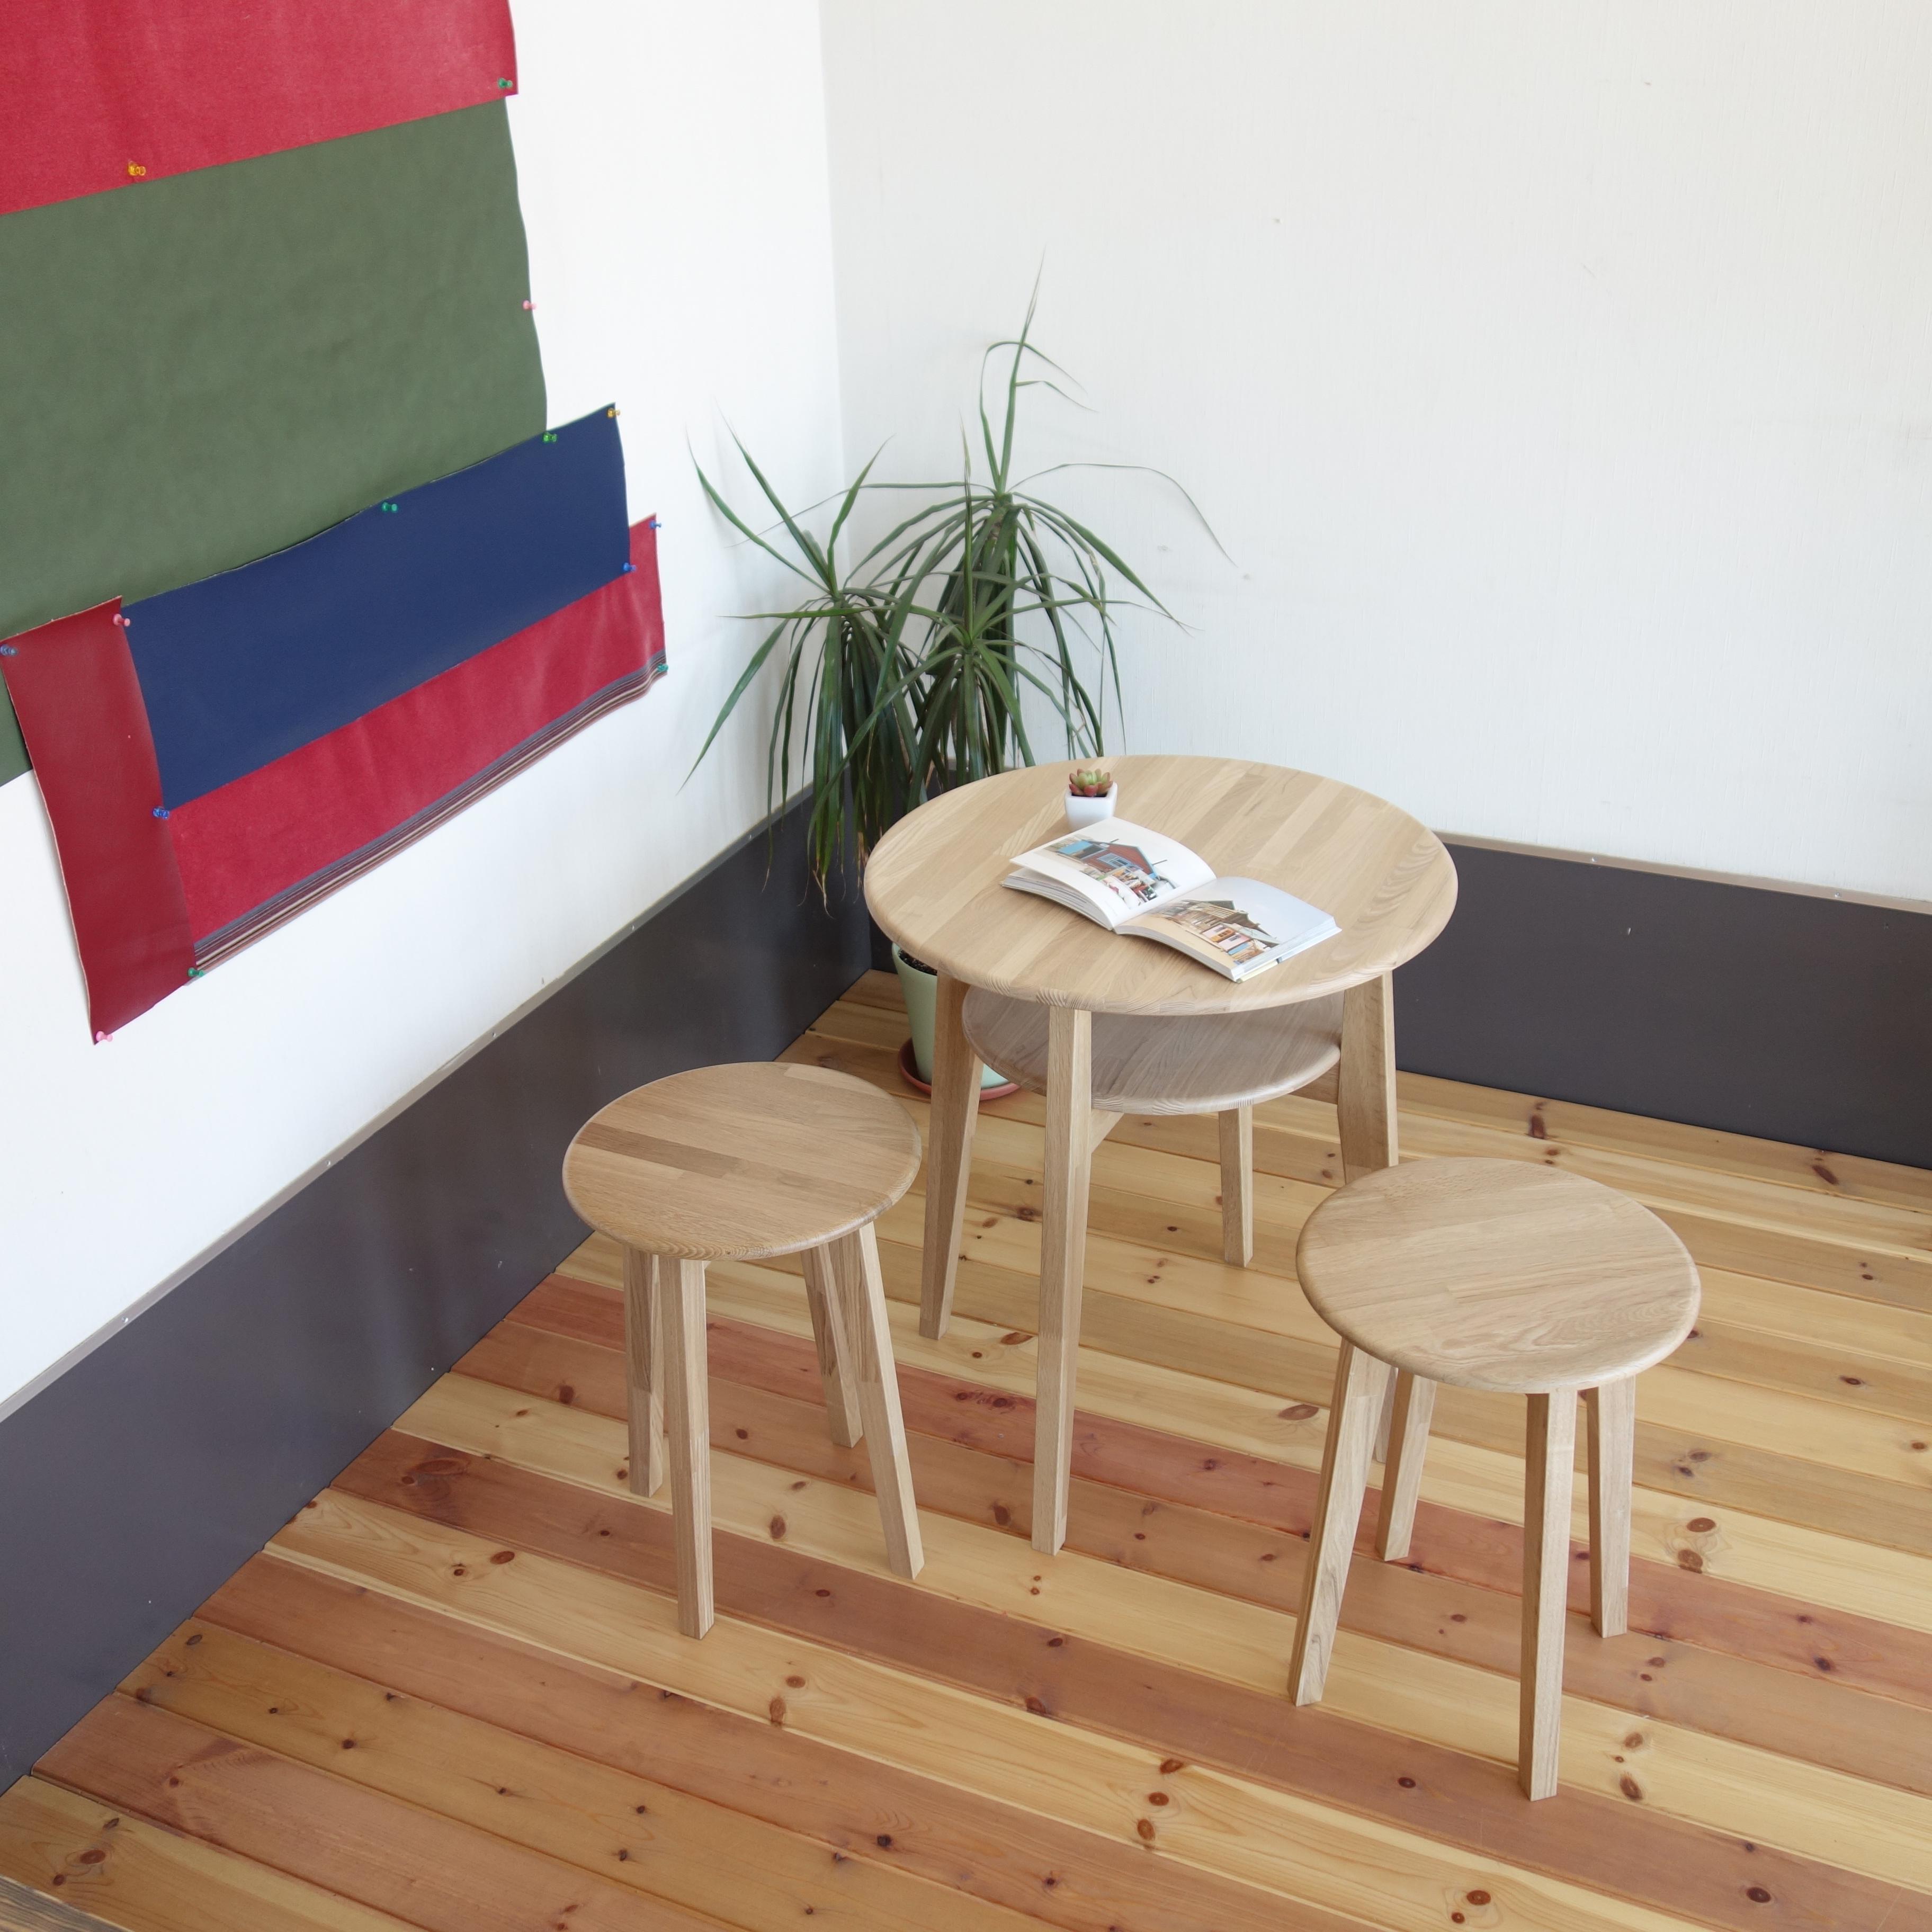 【カフェテーブル 3点セット】 テーブル×1 スツール×2 - 画像2